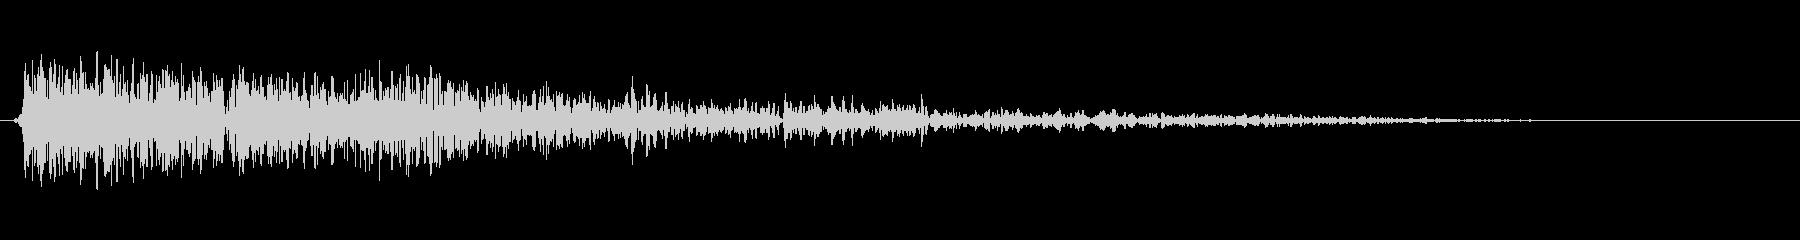 大規模な爆発ヴィンテージ録音;爆発と爆弾の未再生の波形